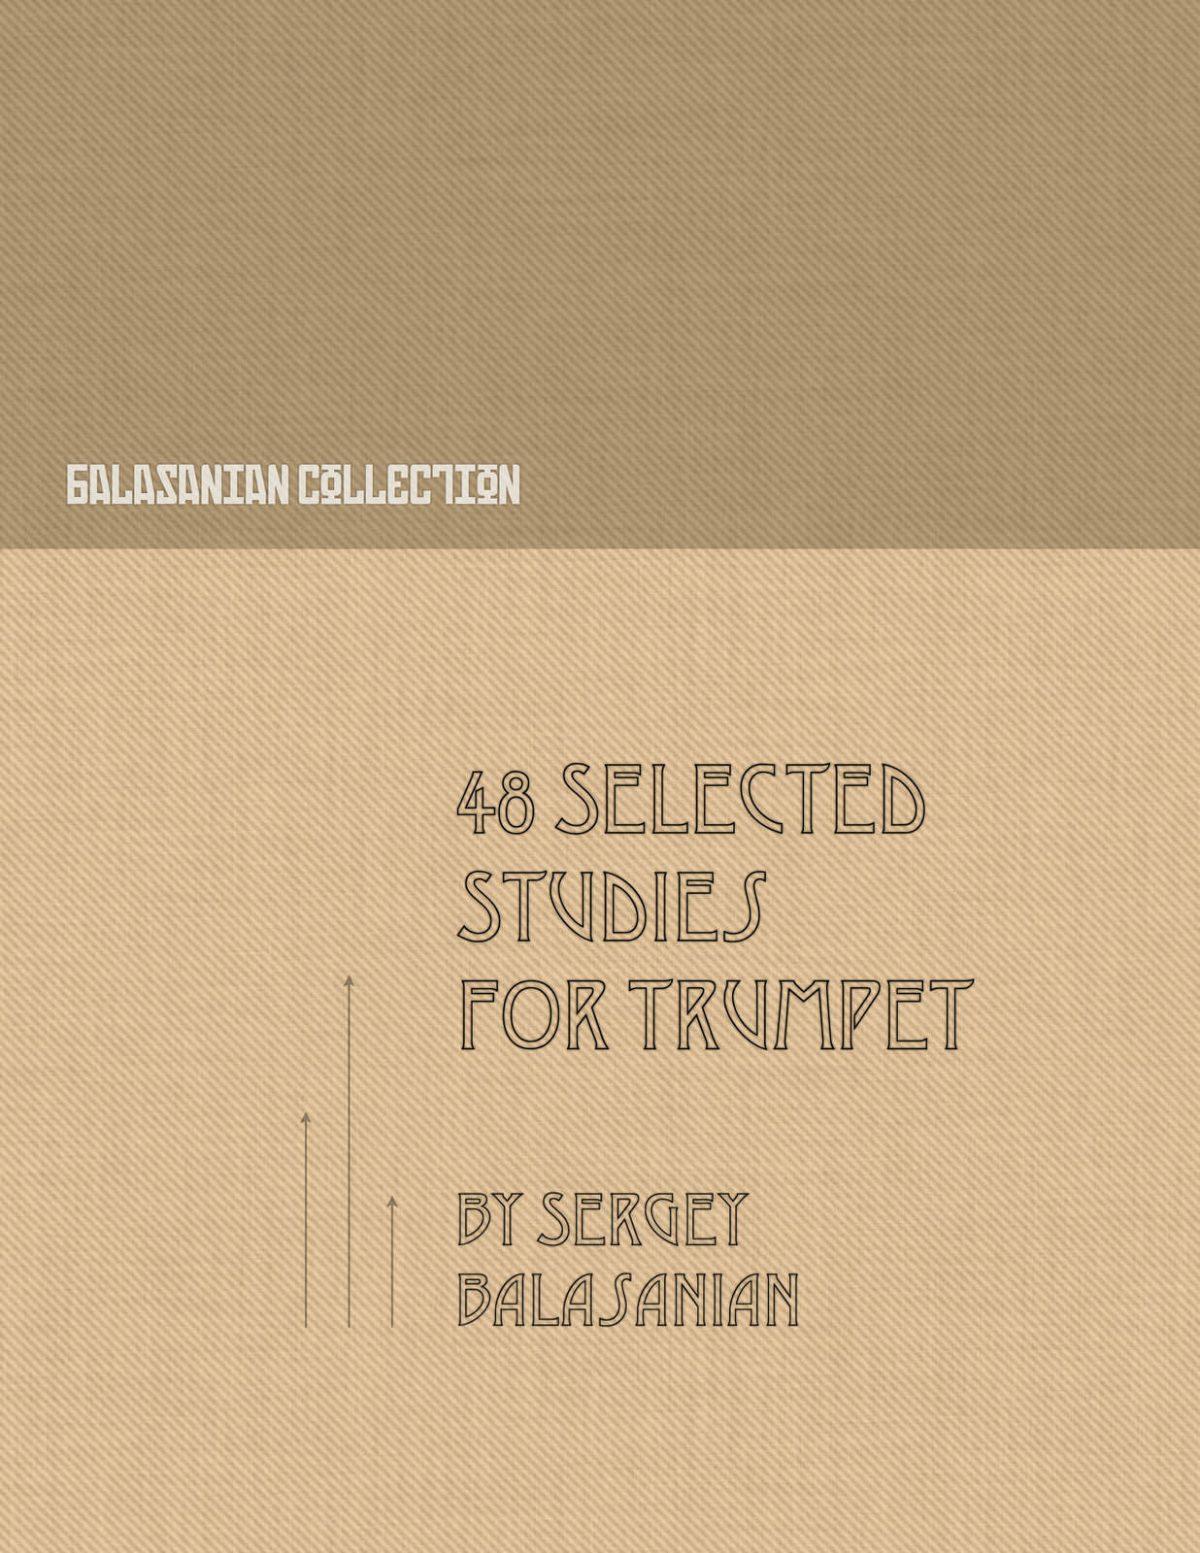 Balasanian, 48 Selected Studies